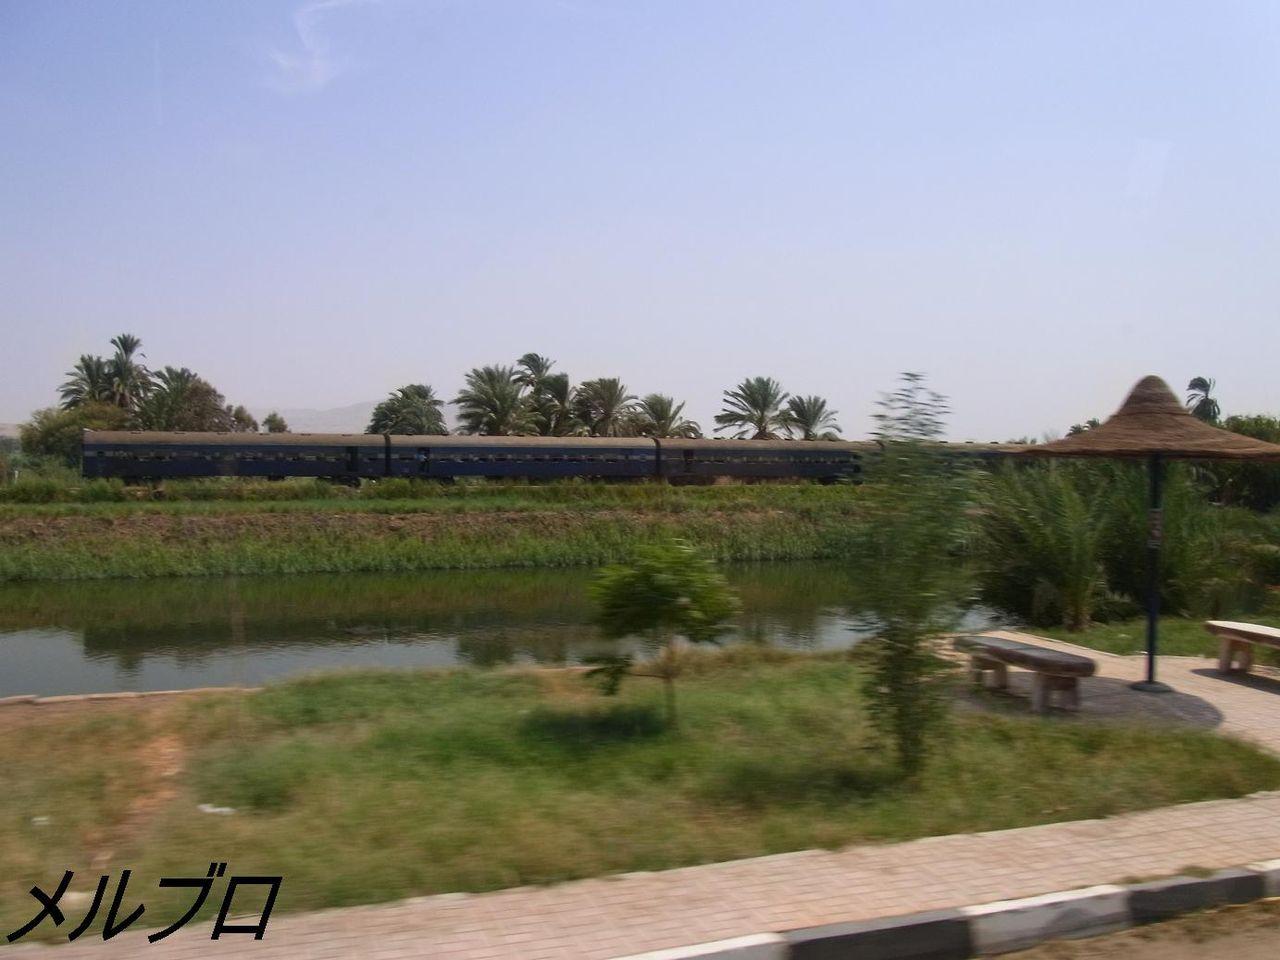 ナイル川沿いに走る列車